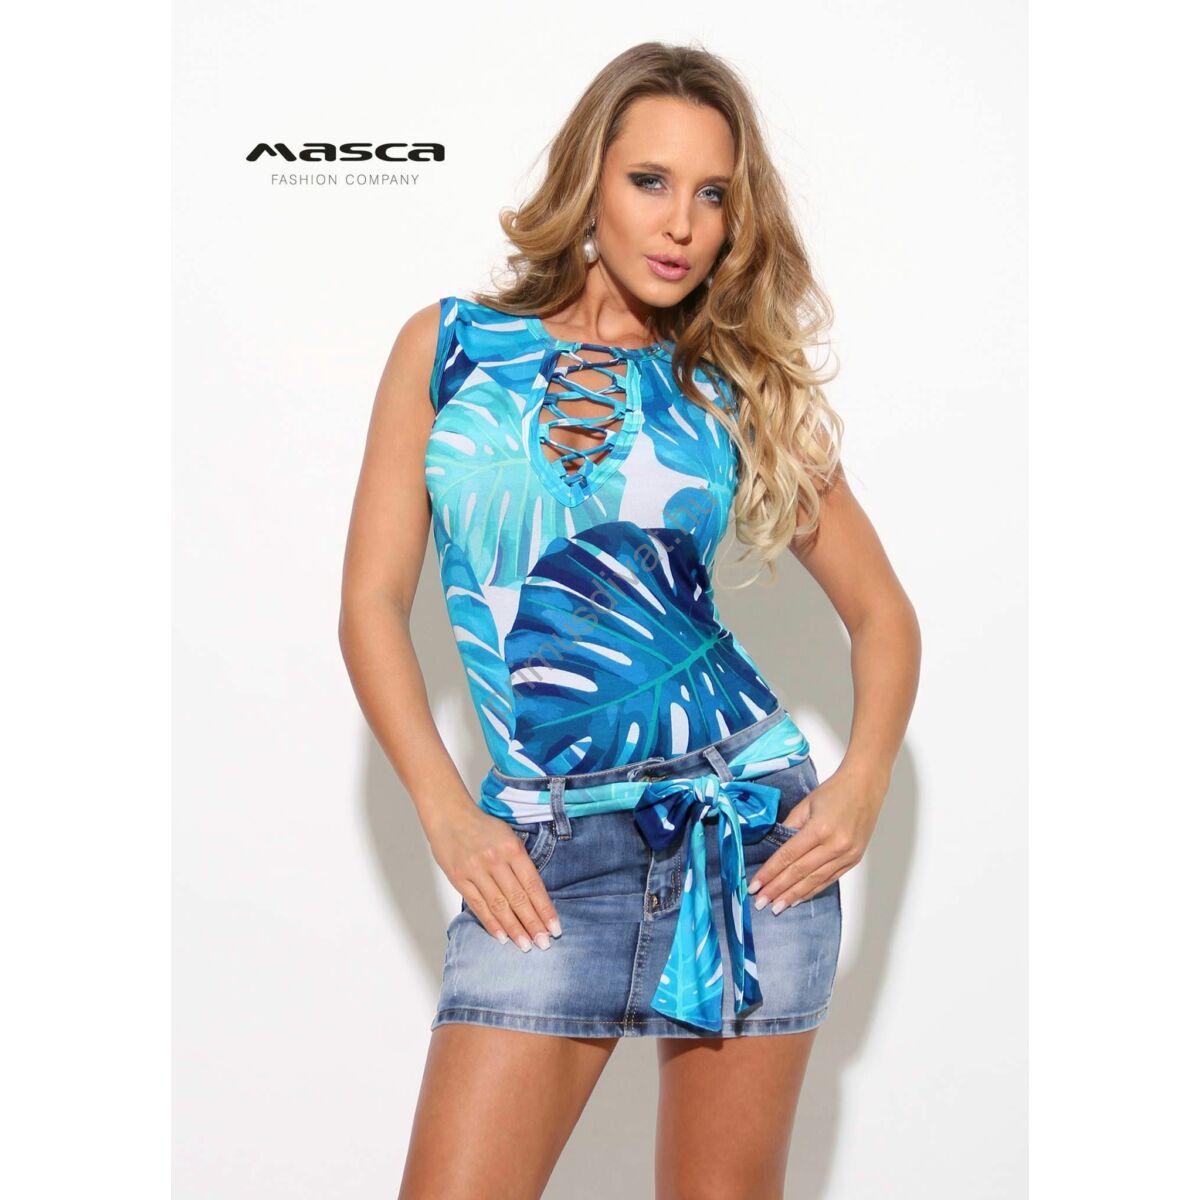 1cdd38c217 Kép 1/1 - Masca Fashion fűzős dekoltázsú, kék filodendron mintás szűk  ujjatlan felső, megkötős övvel